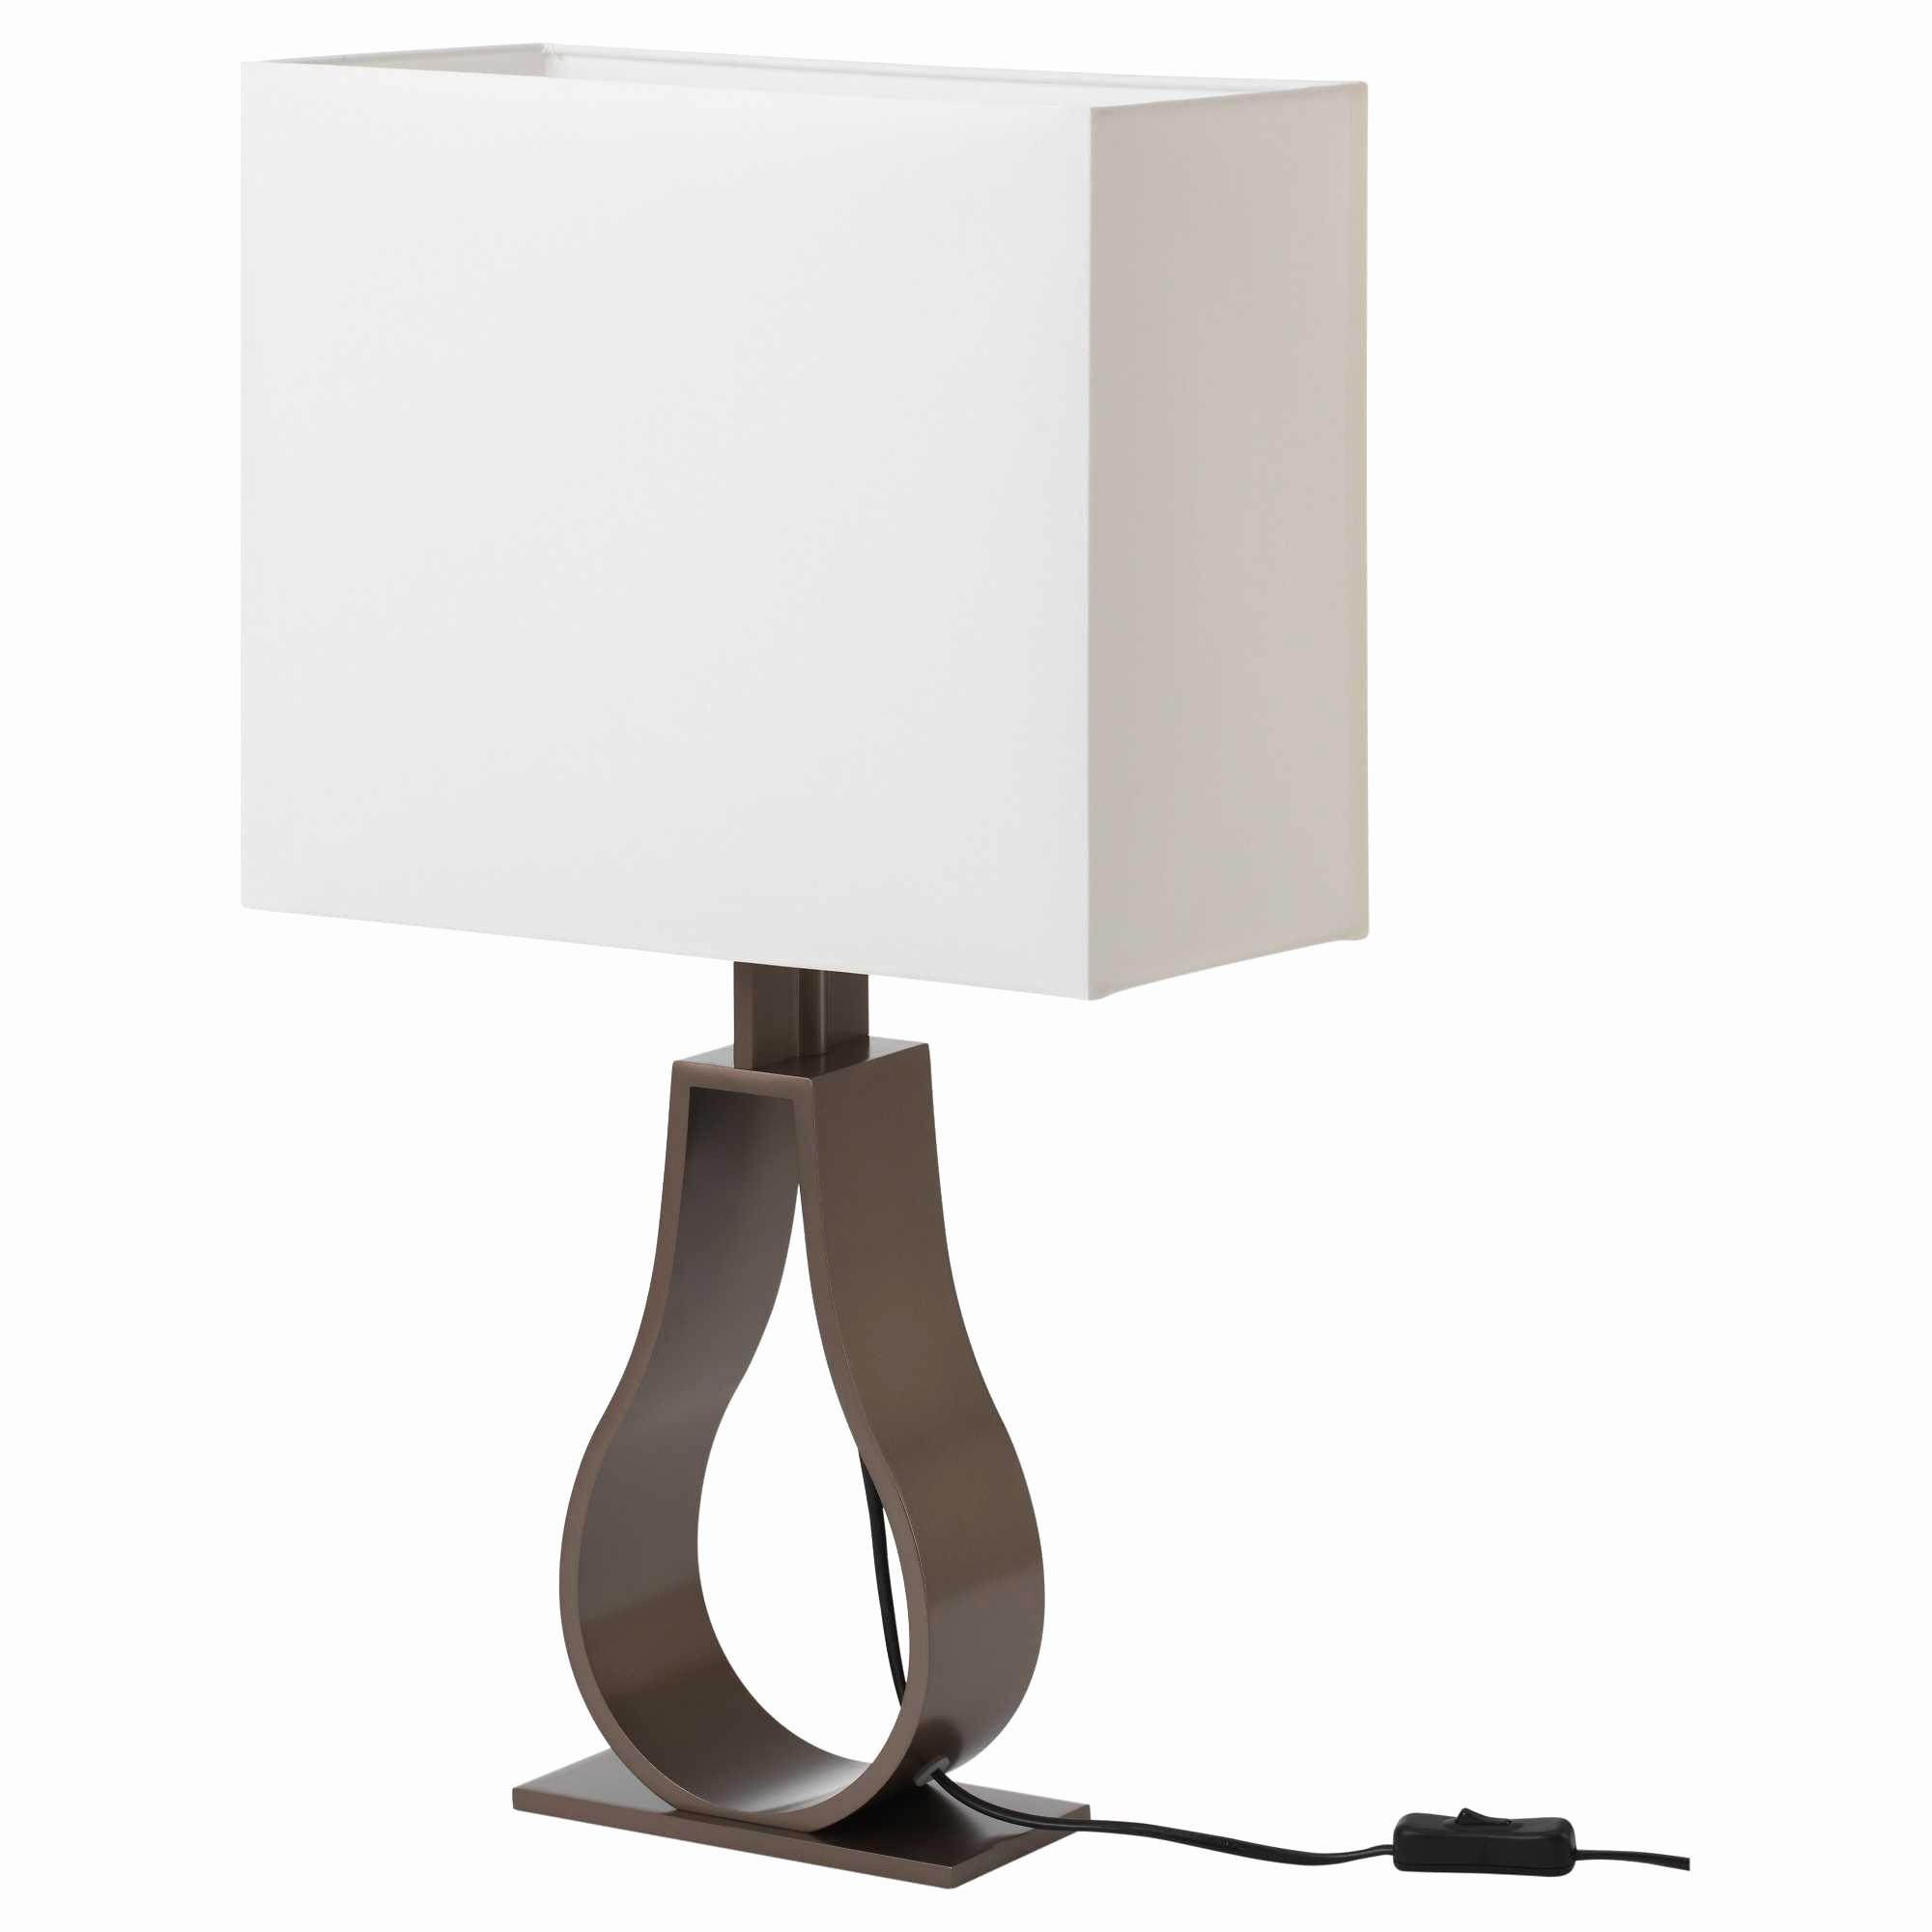 Lampe De Chevet Mural Ikea Idée De Luminaire Et Lampe Maison